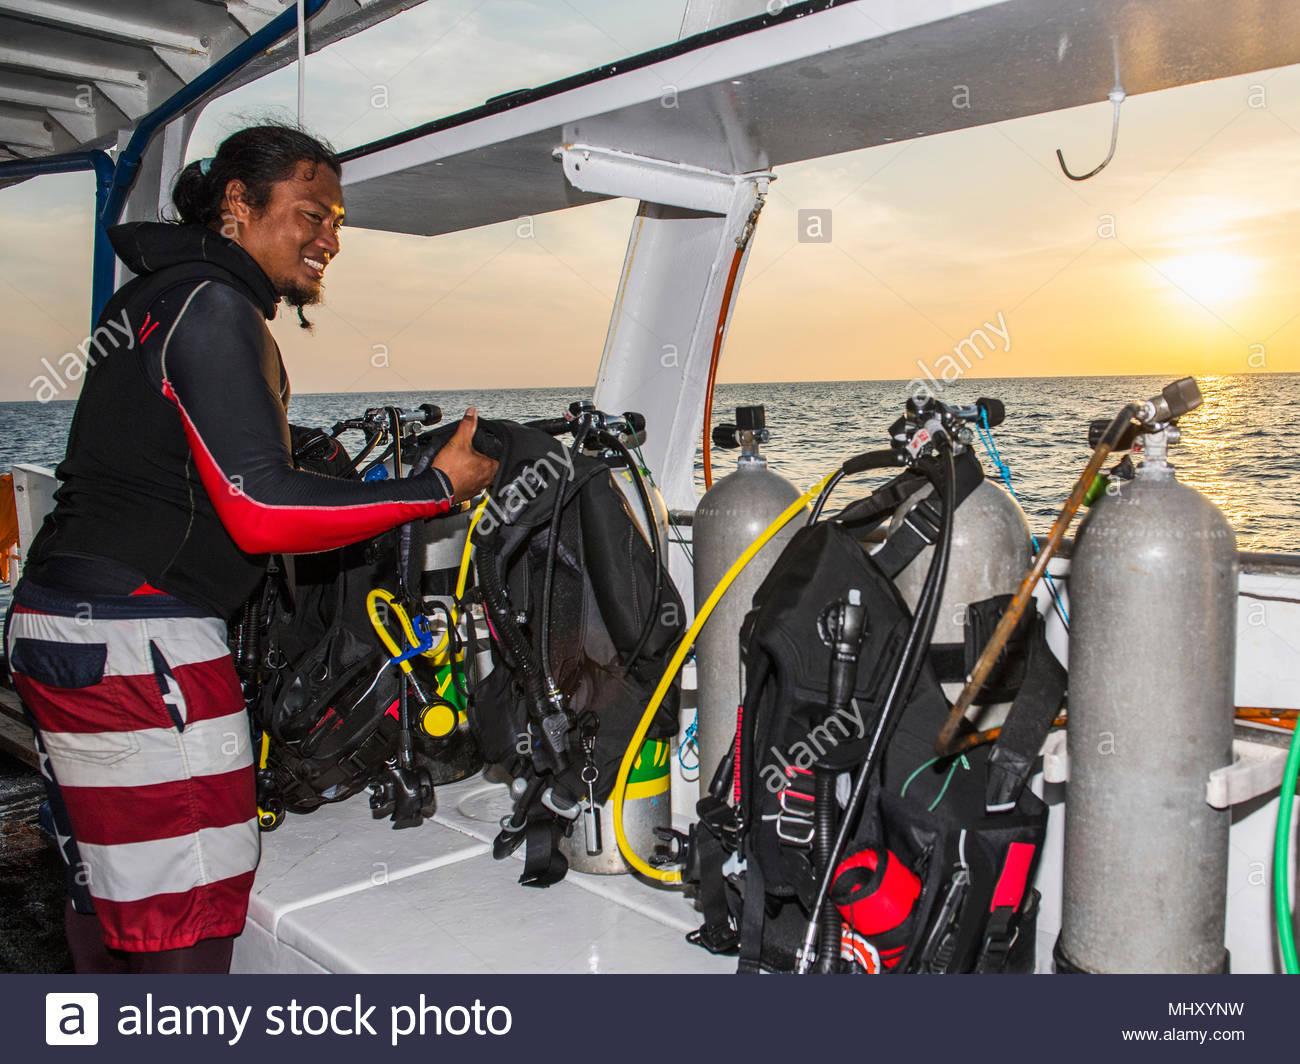 Uomo di controllo marcia di immersione a bordo di una barca subacquea, il Parco Naturale di Tubbataha Reef, Mare di Sulu, Filippine Immagini Stock